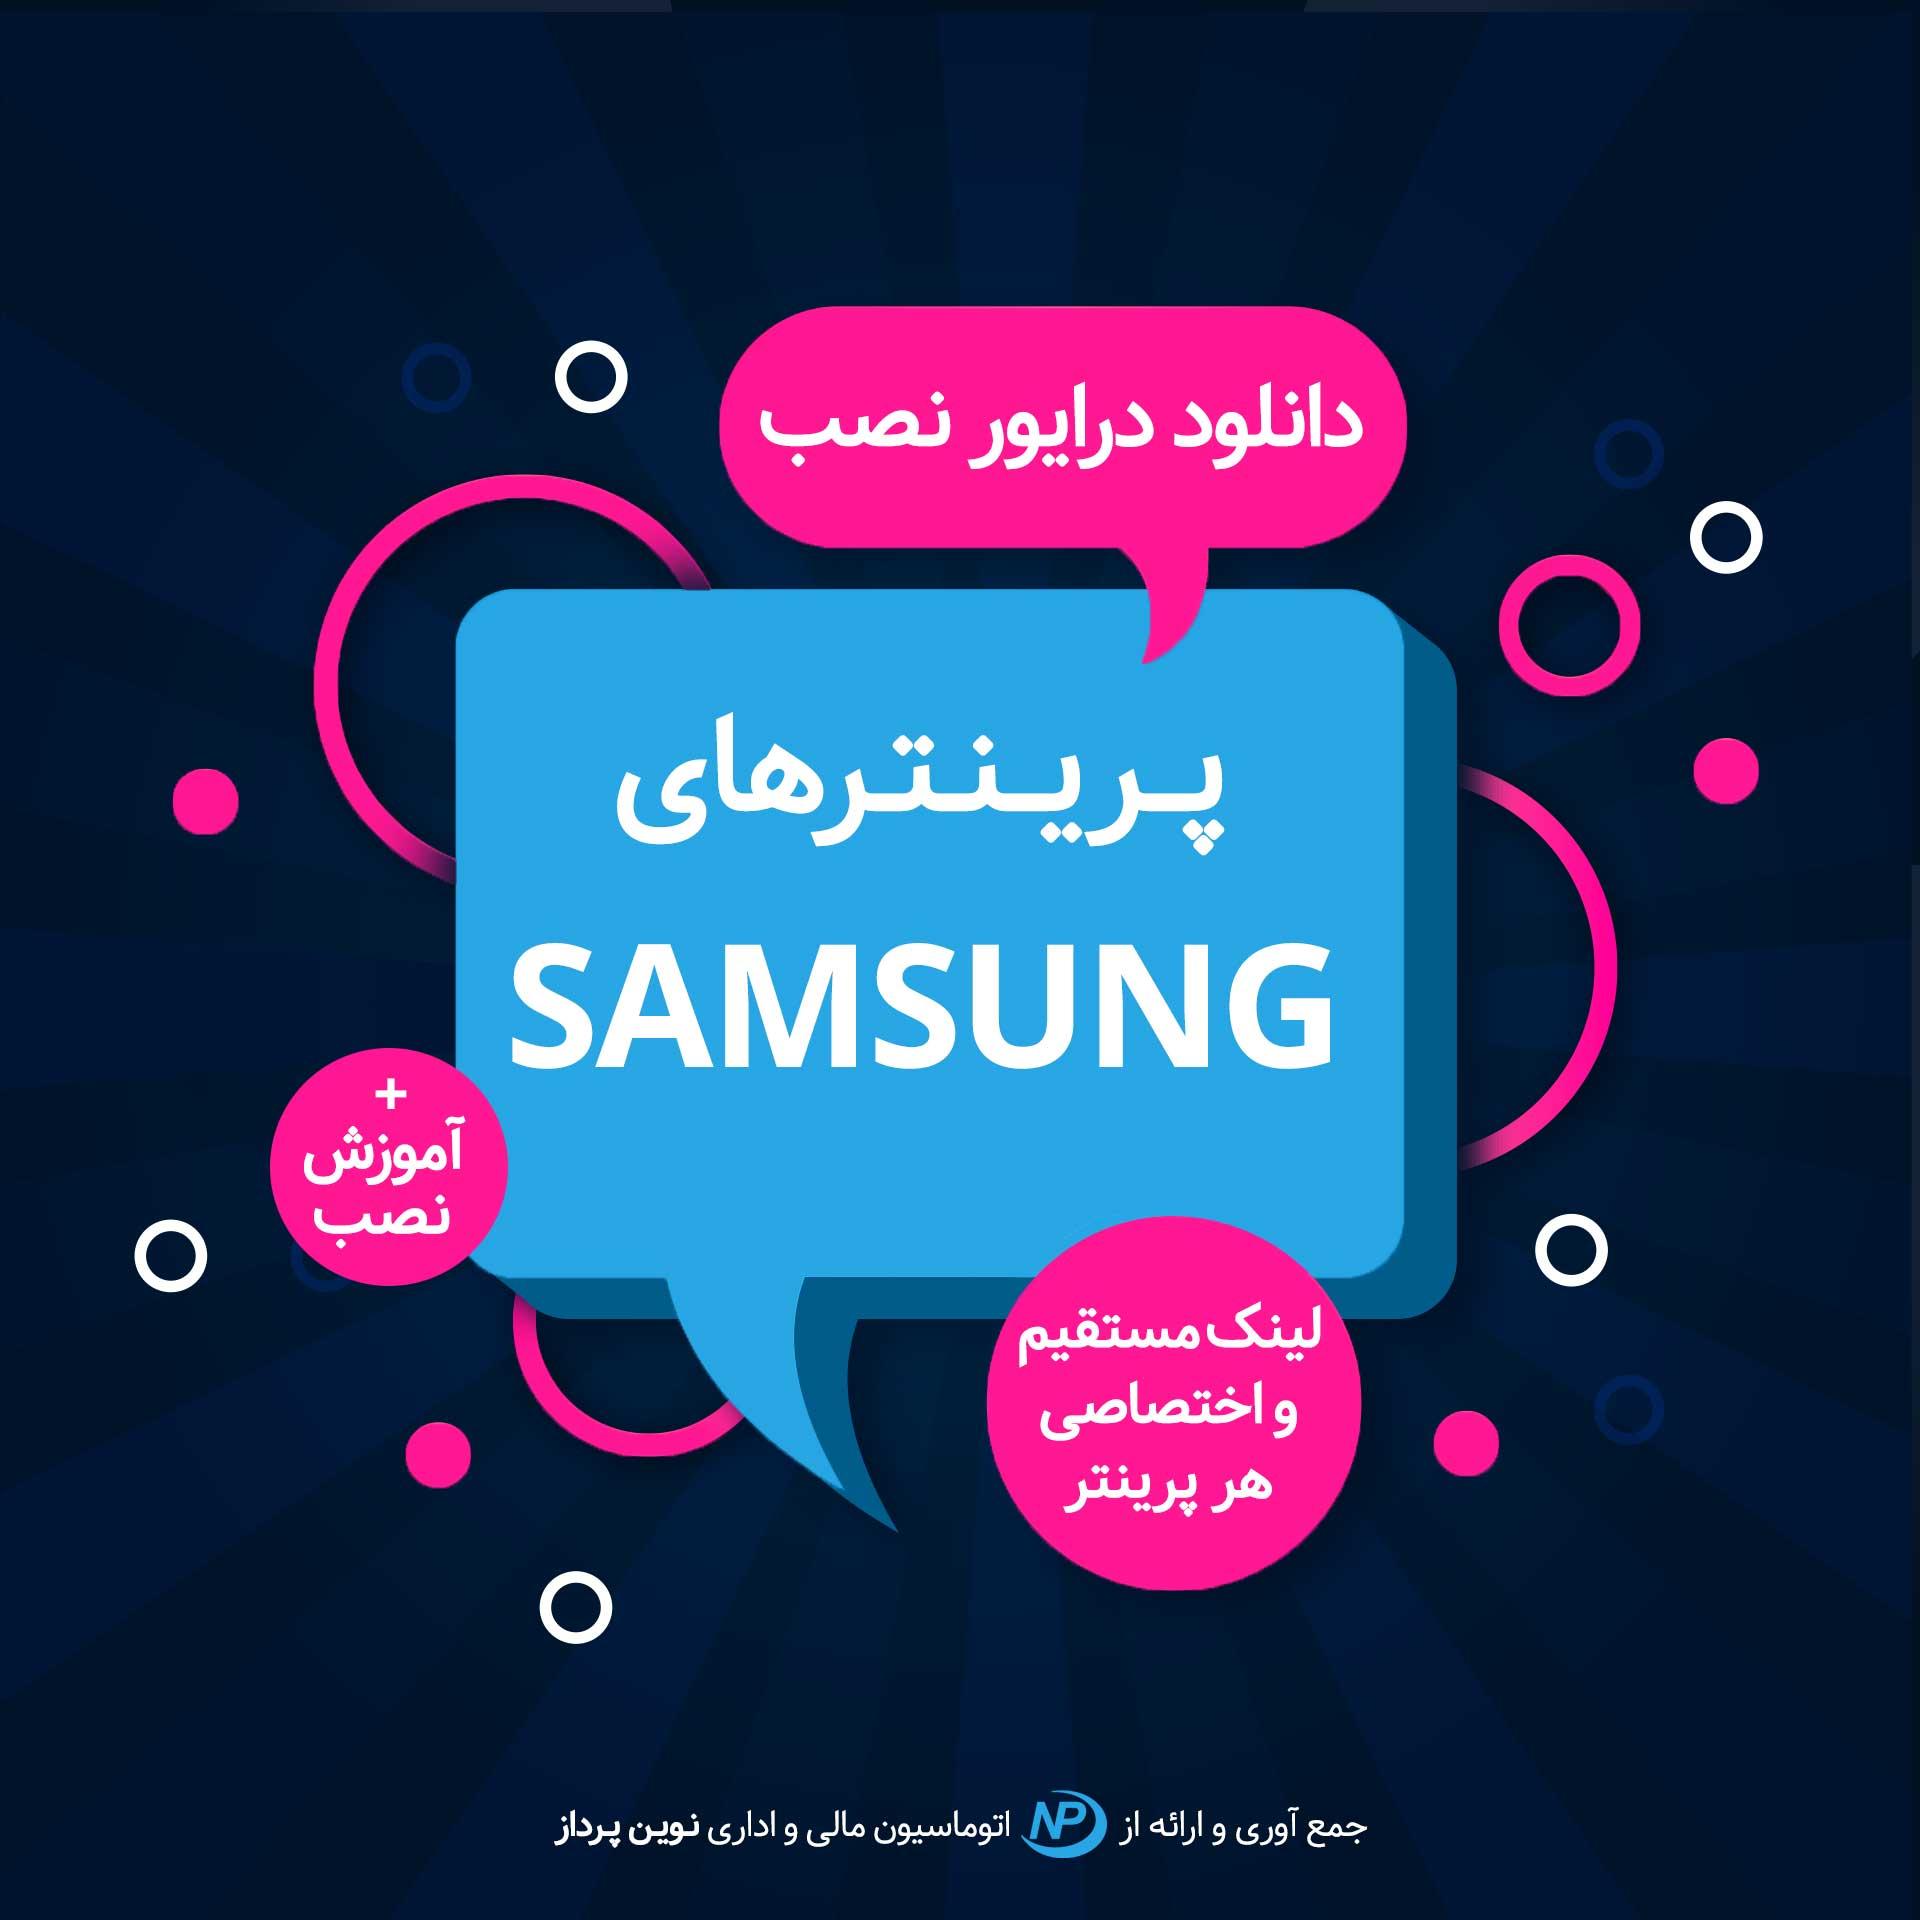 دانلود درایور نصب پرینترهای Samsung + آموزش نصب